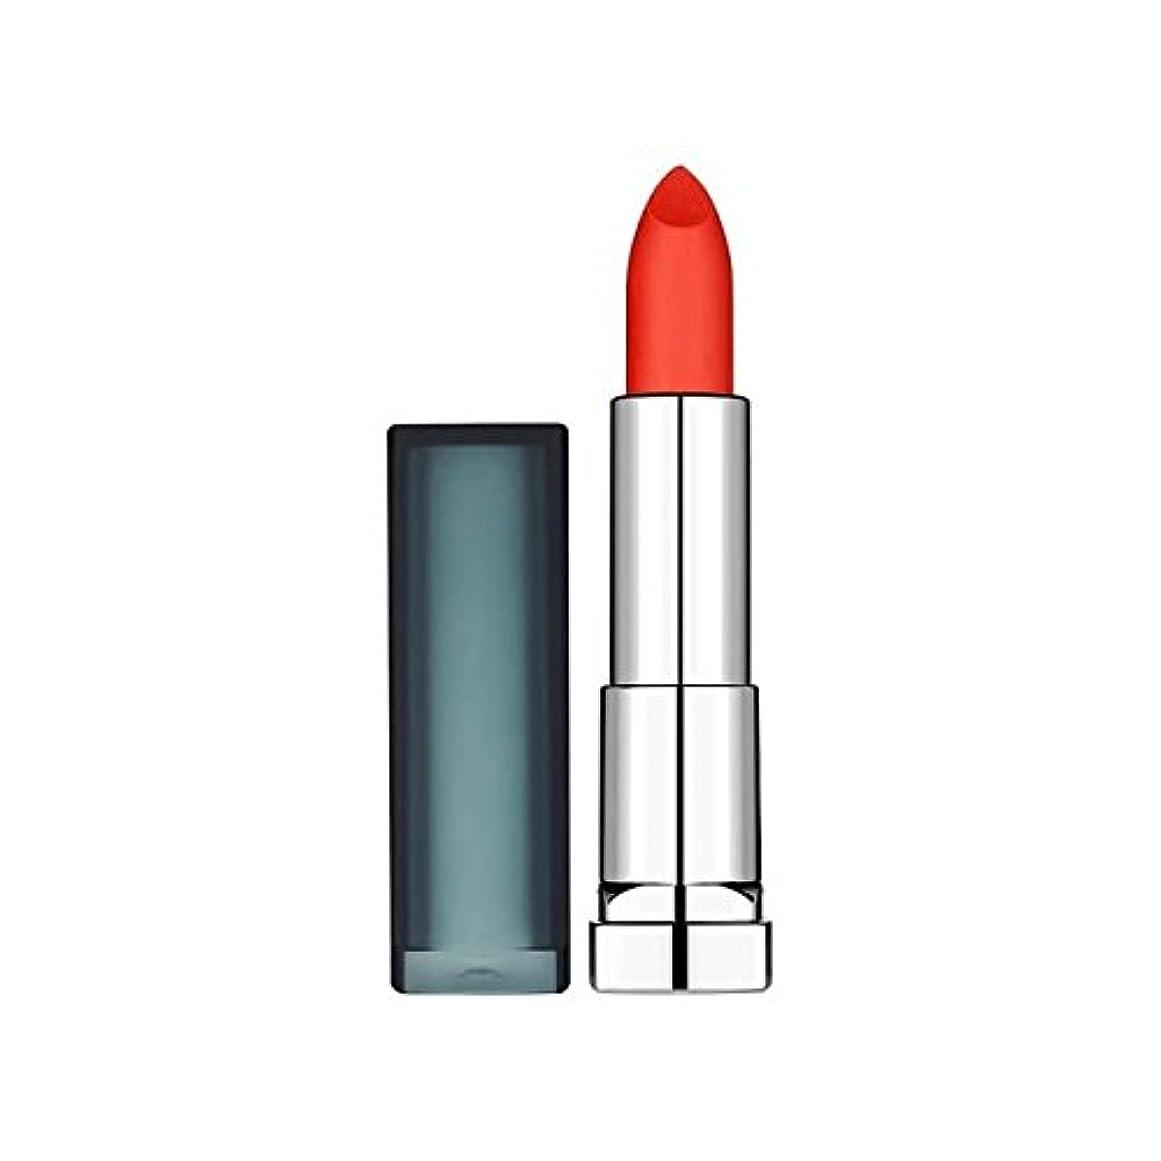 ラジエーター良い反響するMaybelline Color Sensational Lipstick 955 Craving Coral - メイベリンカラーセンセーショナルな口紅955渇望サンゴ [並行輸入品]